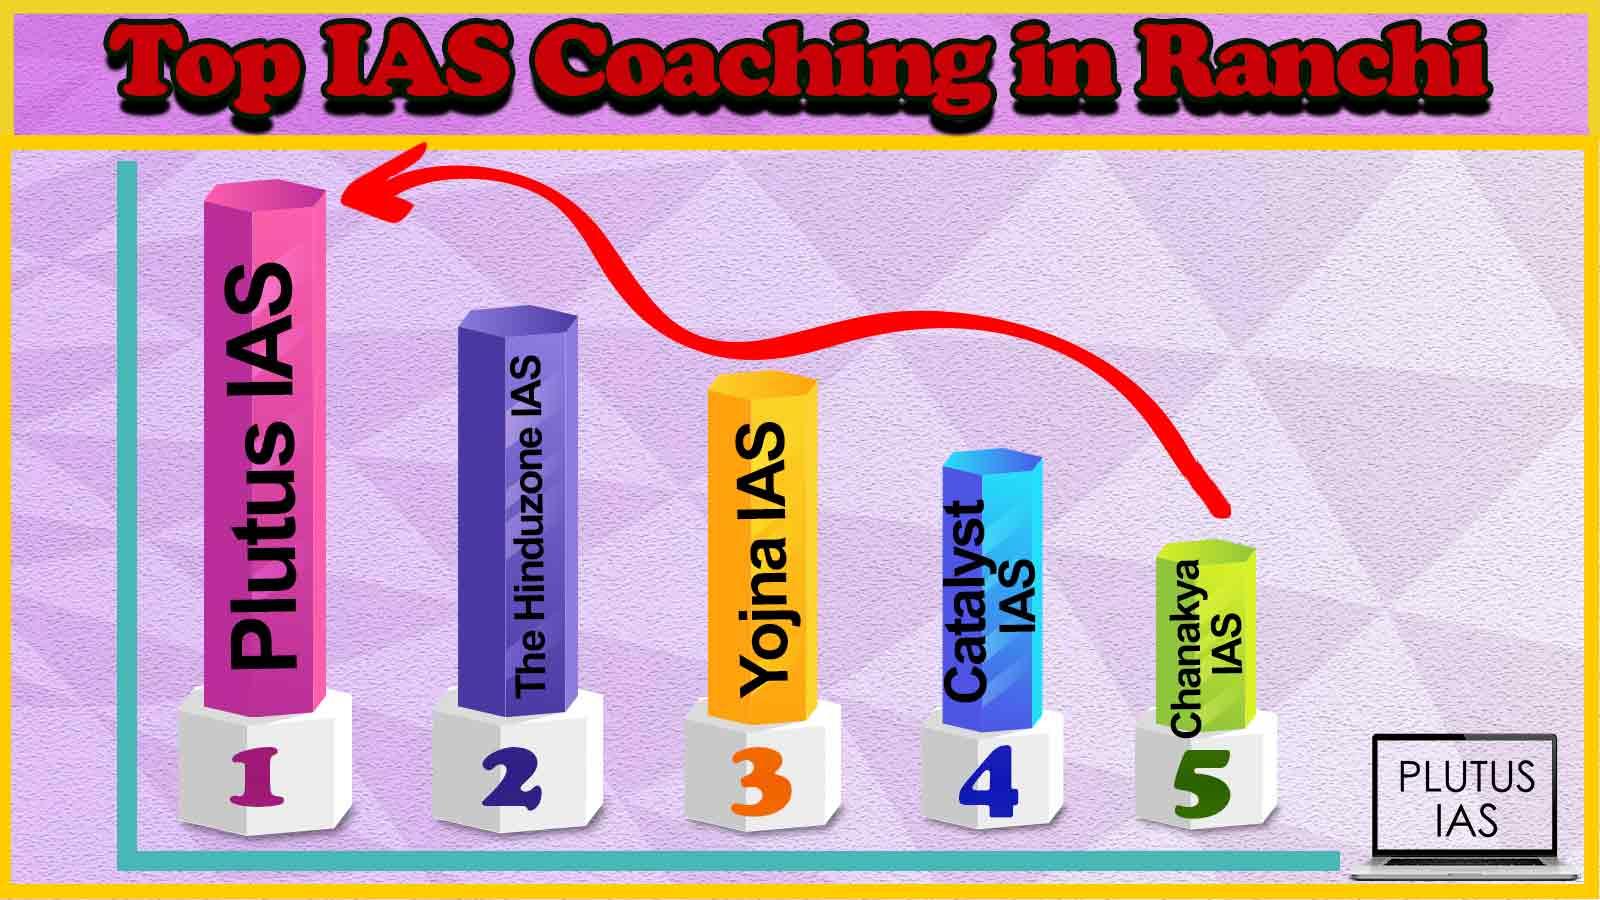 Best 10 IAS Coaching in Ranchi